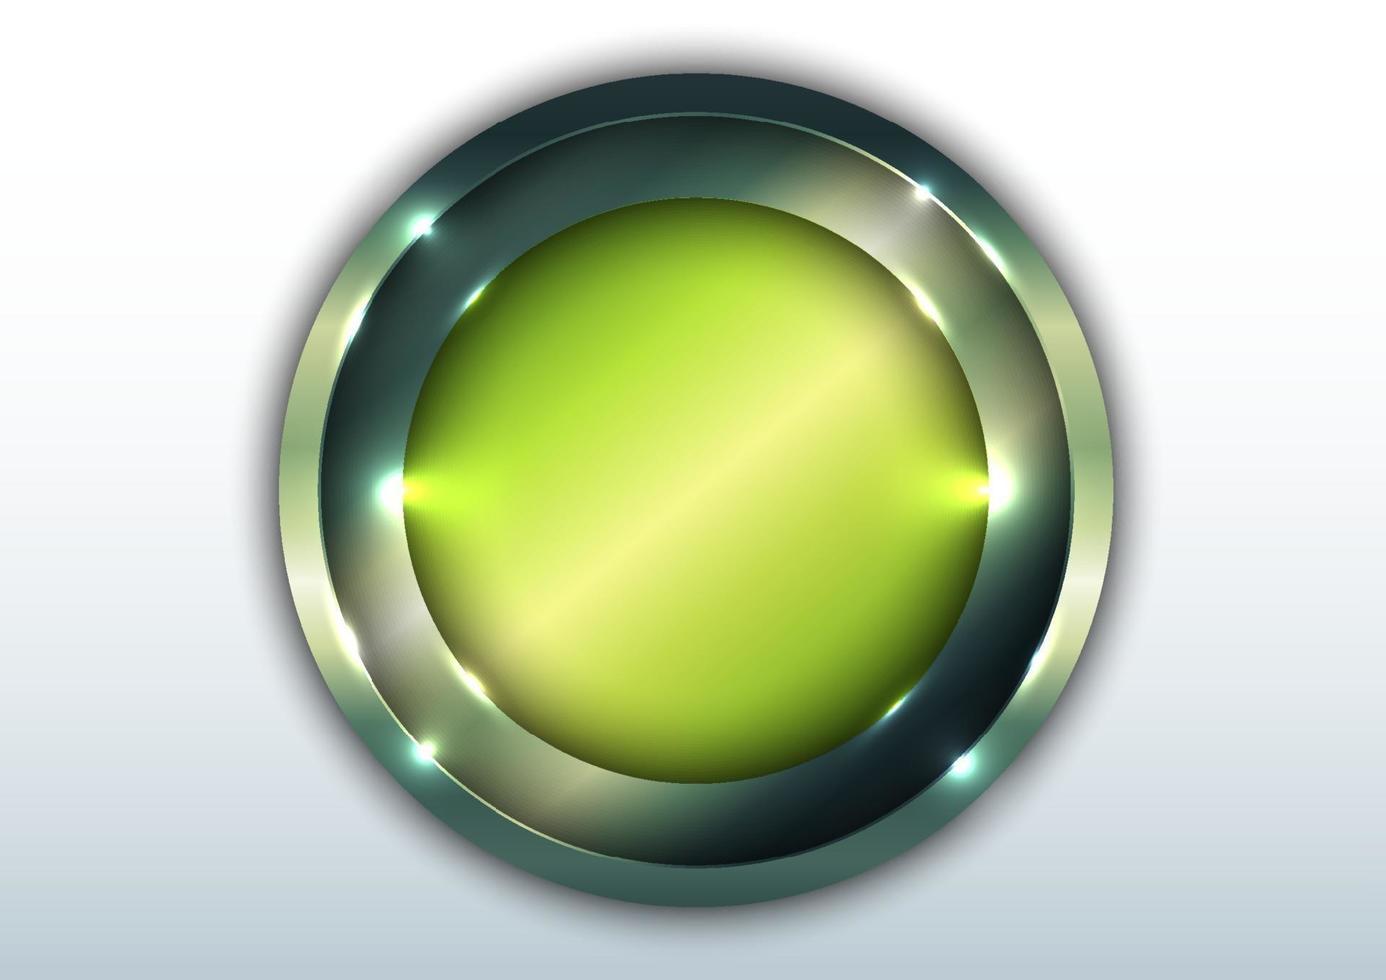 Cerchio lucido metallico verde 3d che si sovrappone con illuminazione isolata sul fondo dello spazio bianco. vettore